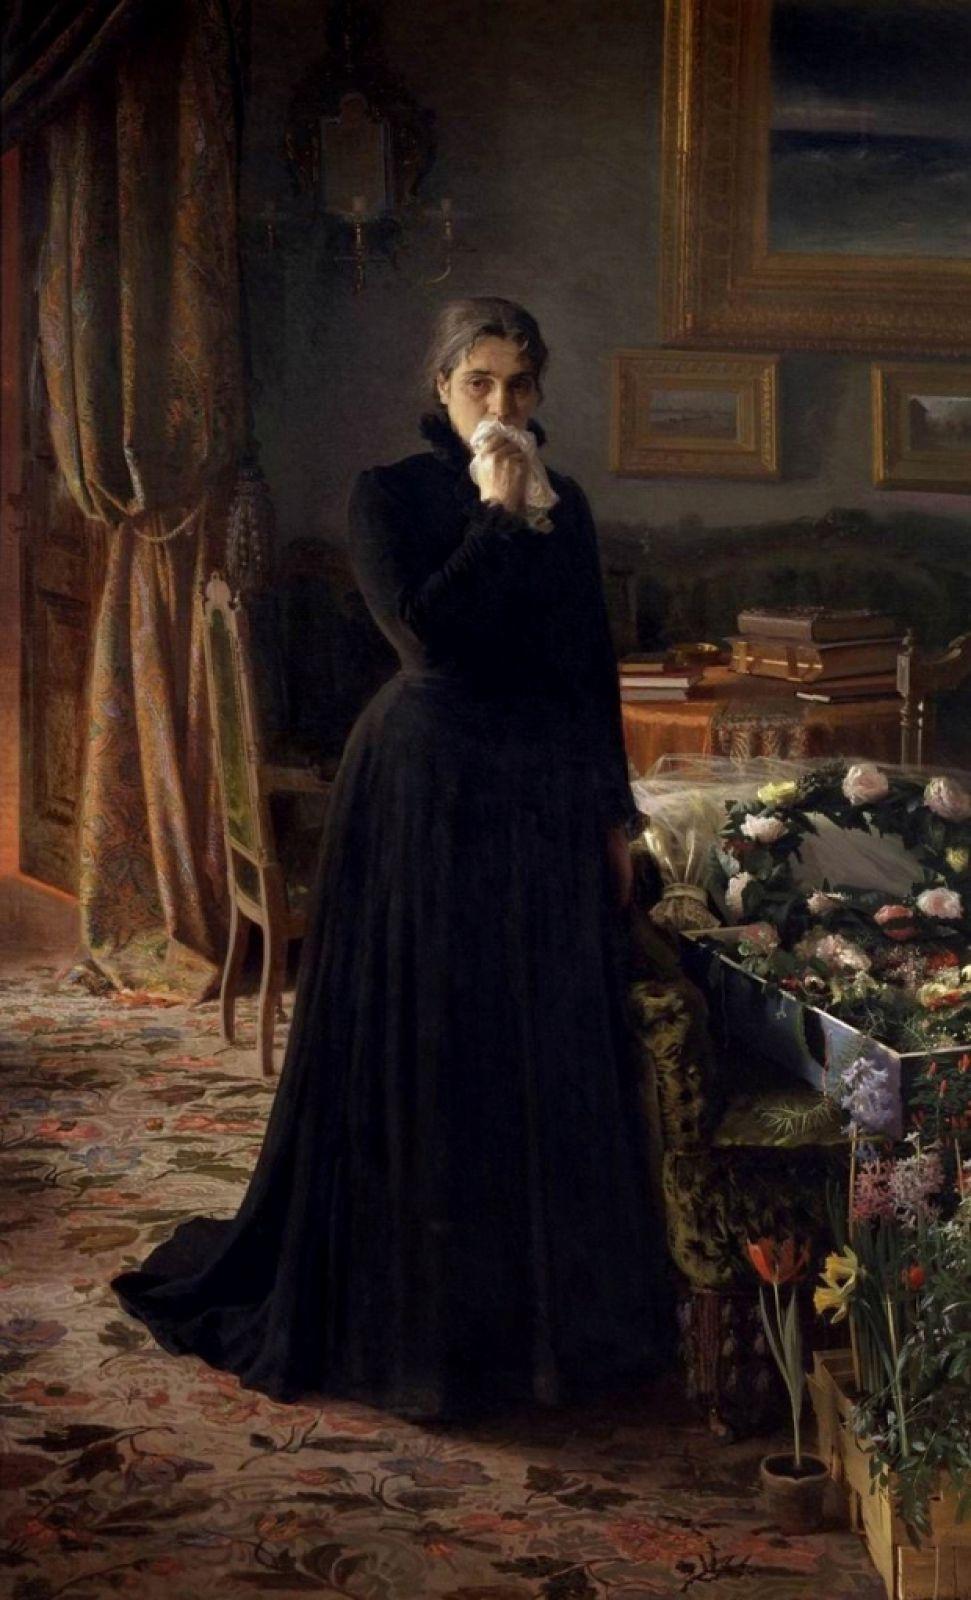 Крамской умер в 1887 году в Петербурге в своей мастерской за работой над портретом доктора К.А.Раухфуса. Похоронен на Смоленском кладбище, а в 1987 его могила была перенесена в Некрополь Александро-Невской Лавры.